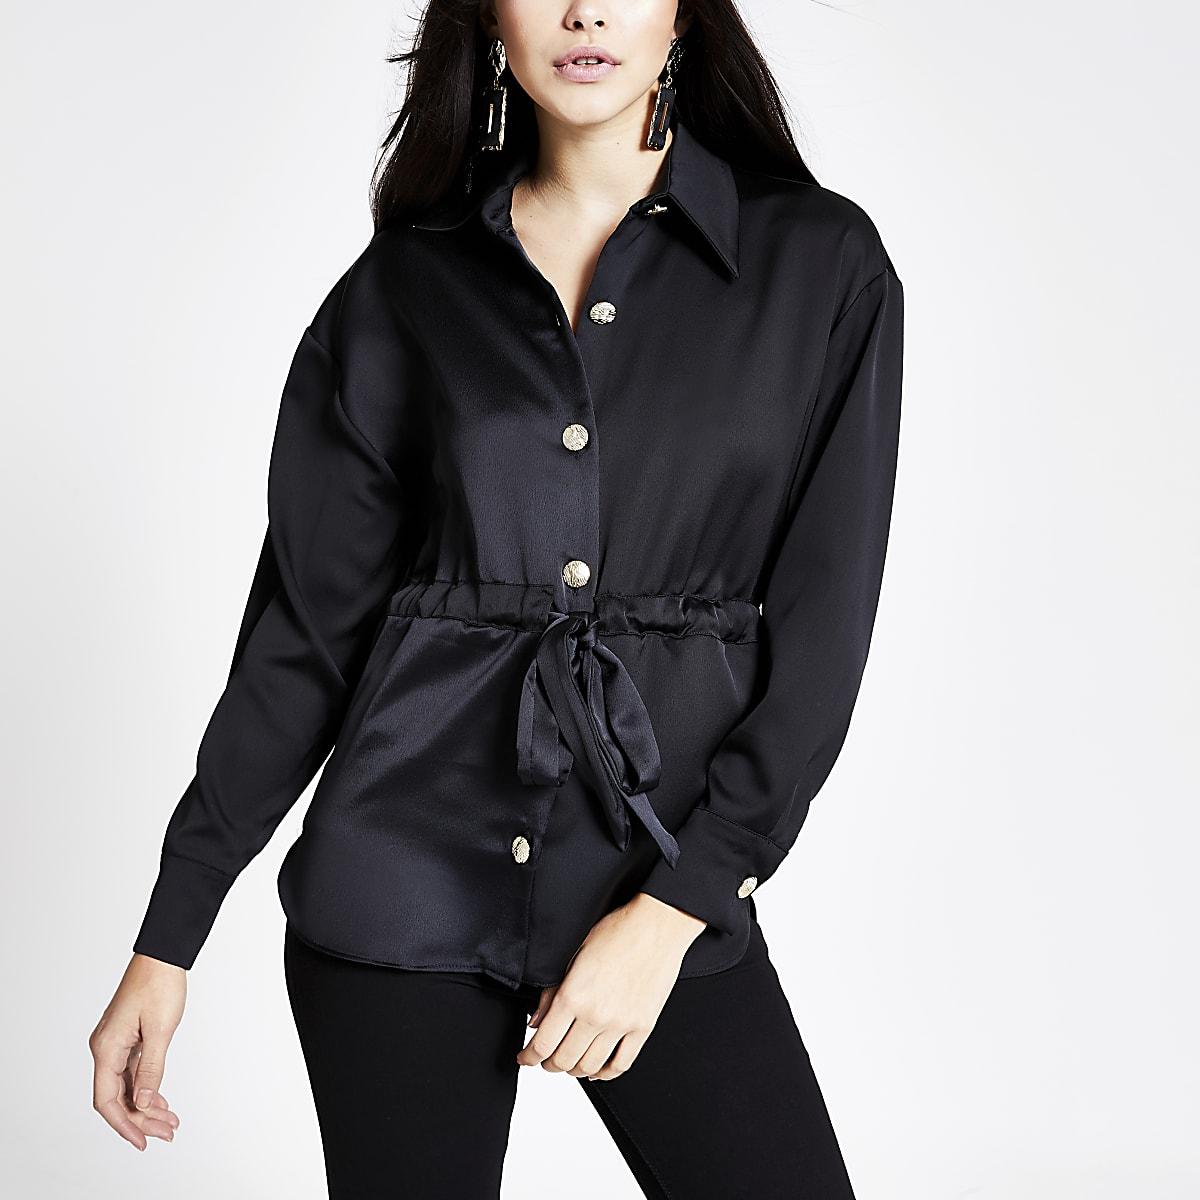 Chemise en satin noirà manches longues avec ceinture